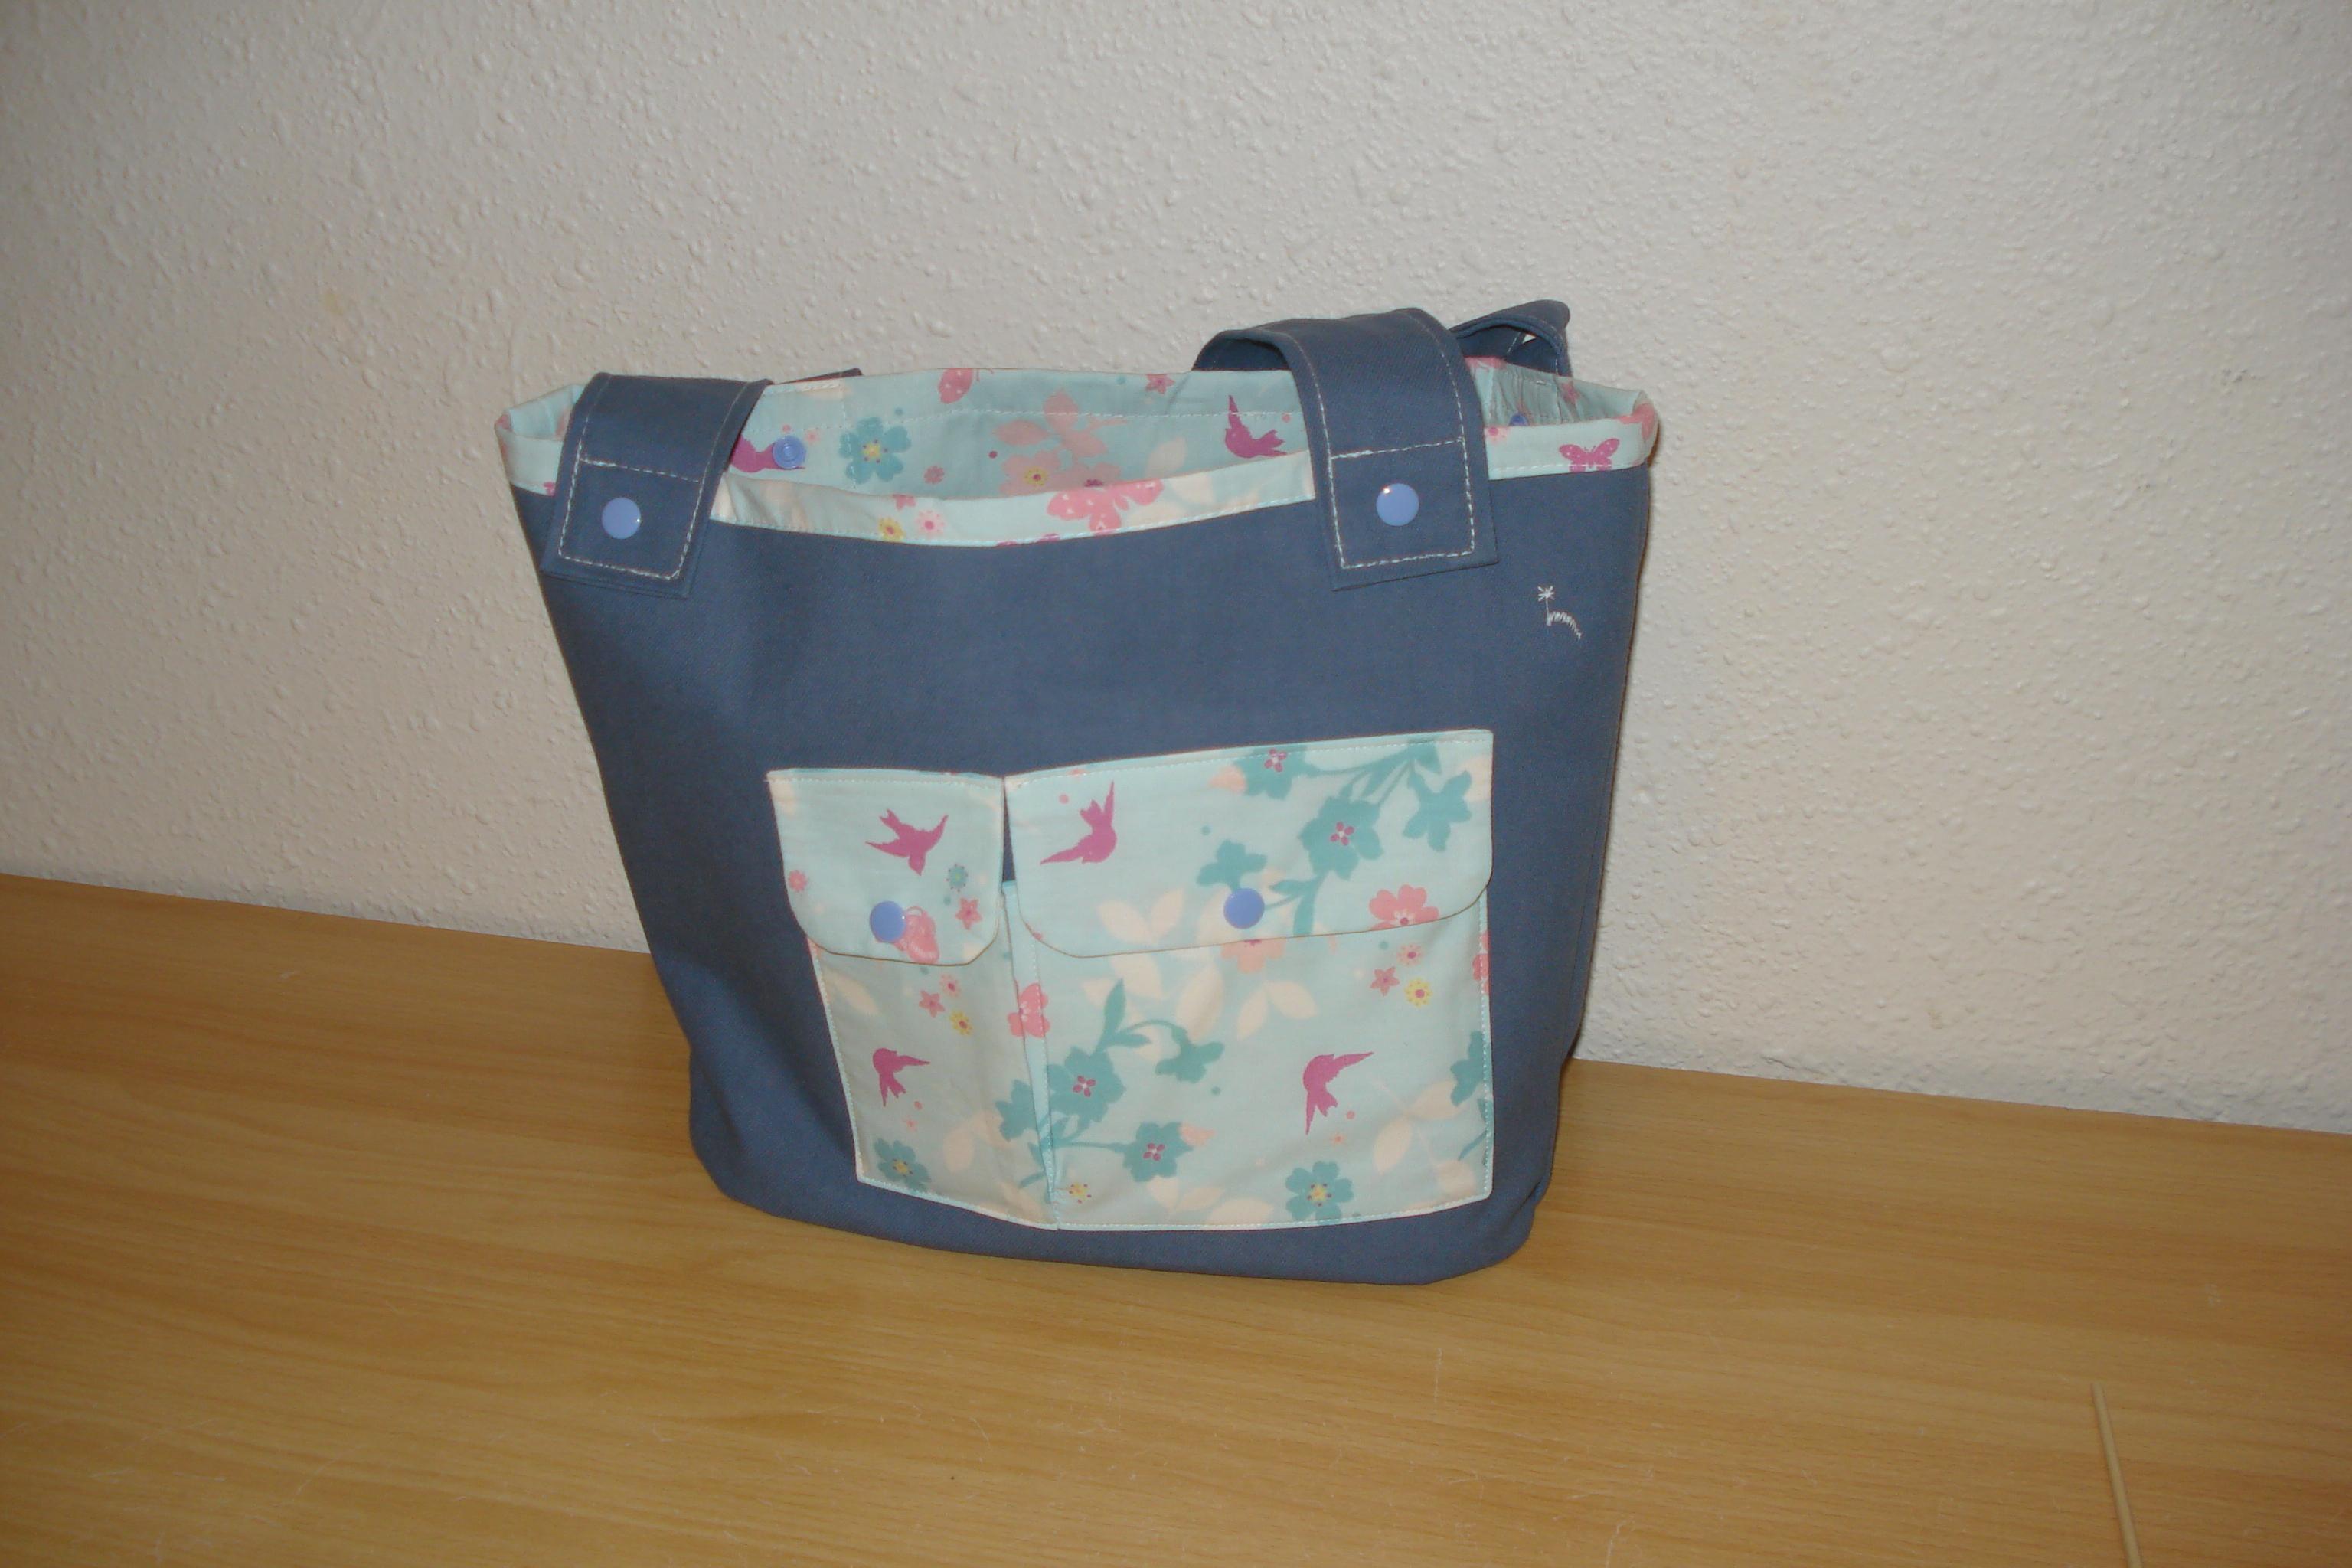 Cabas ton bleu jean et cotonnade imprimé oiseaux roses, fleurs et papillons bleus turquoise